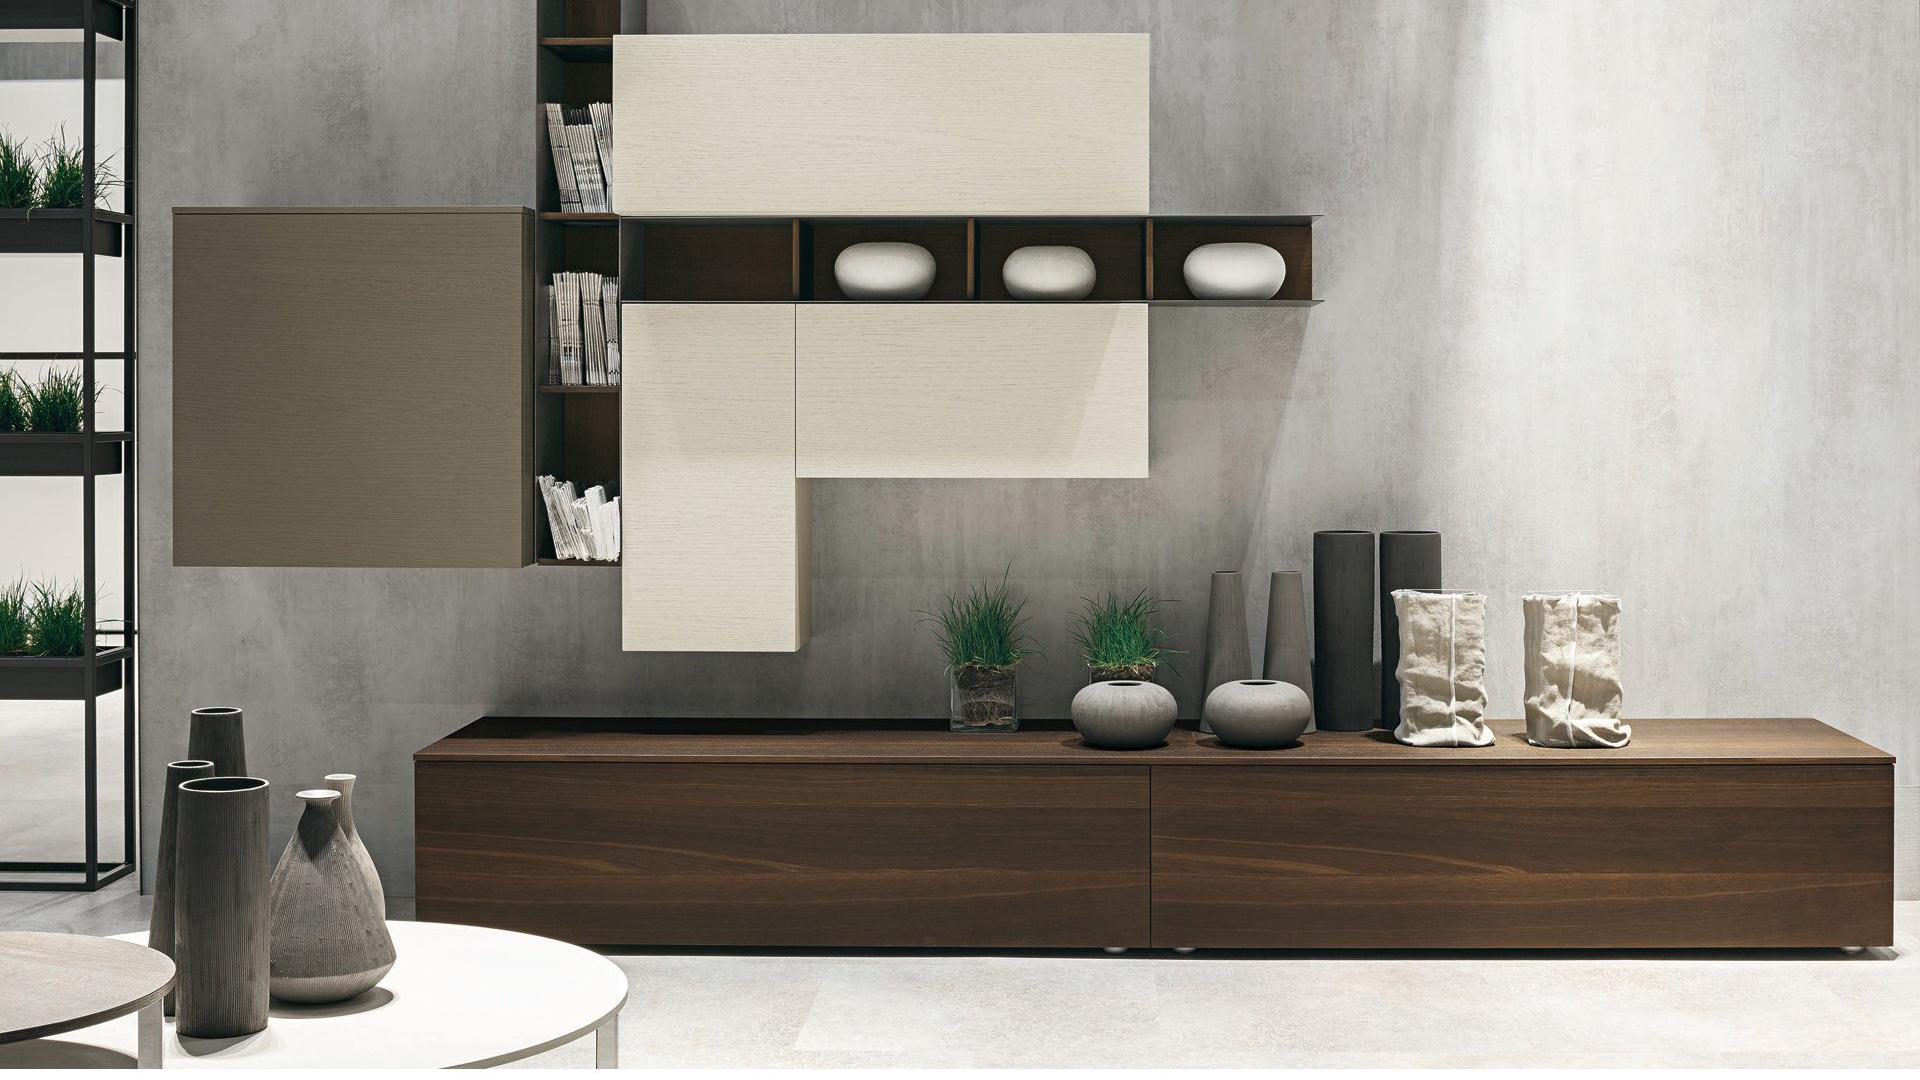 Casa moderna roma italy tavoli di vetro da salotto for Salotto casa moderna